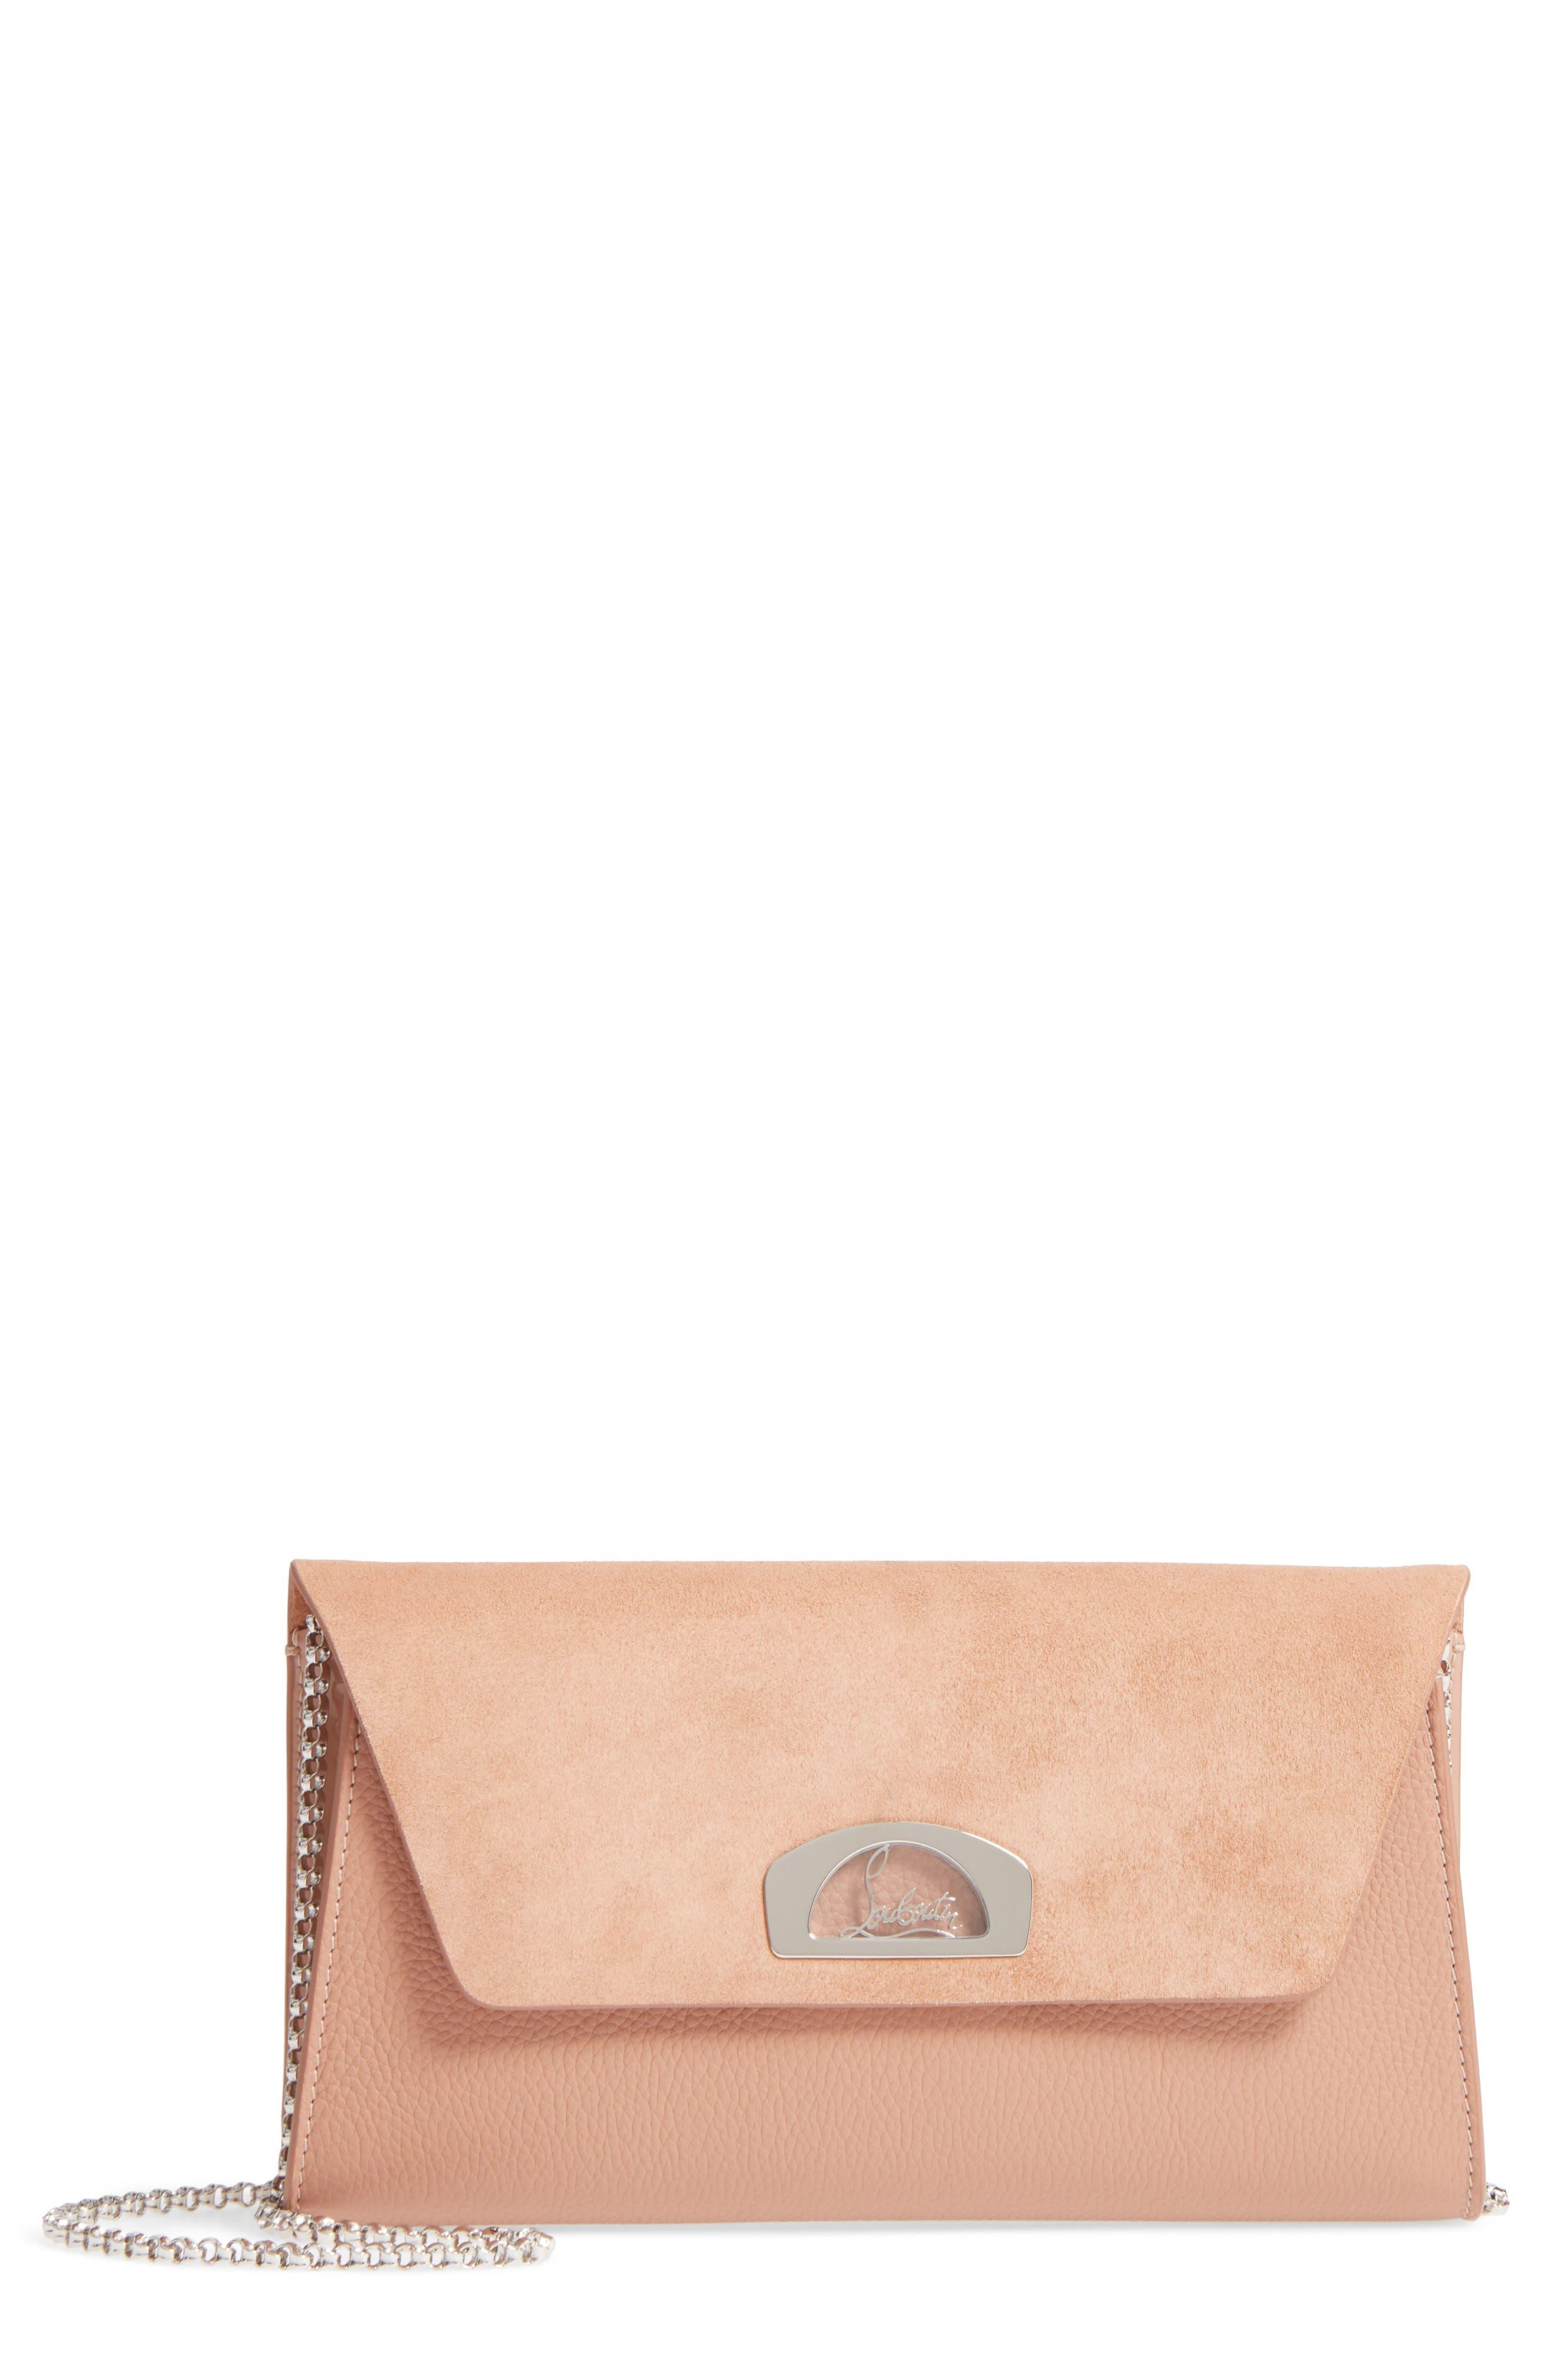 CHRISTIAN LOUBOUTIN Vero Dodat Velour Suede & Leather Clutch, Main, color, NUDE/ NUDE